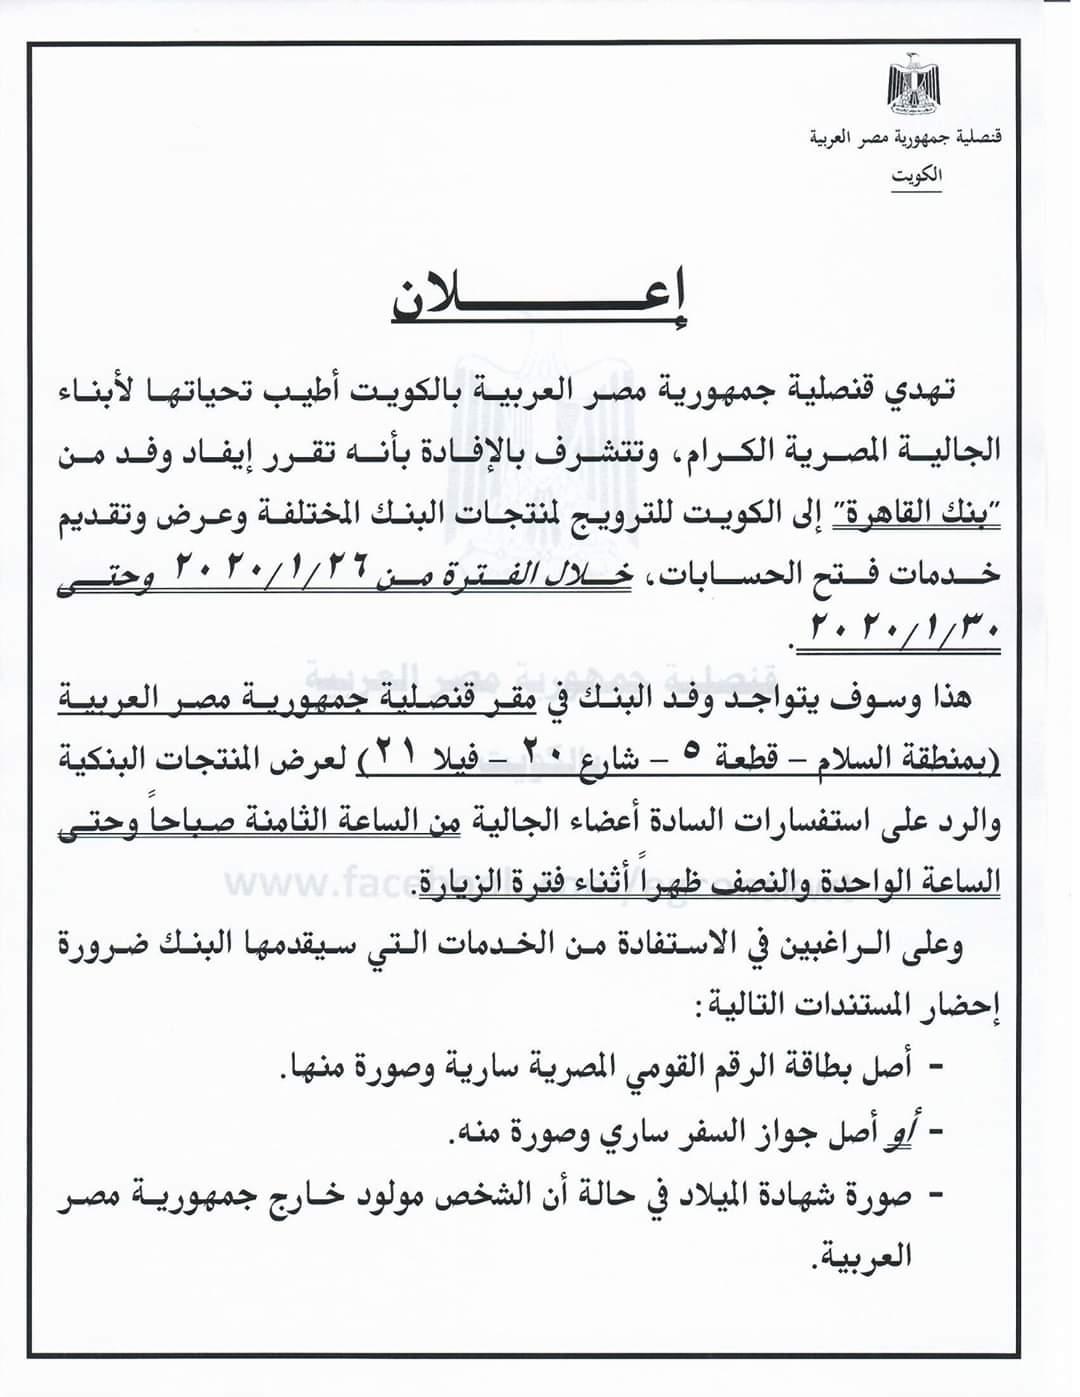 وفد من بنك القاهرة الي الكويت لفتح حسابات الجاليه المصرية بالكويت و